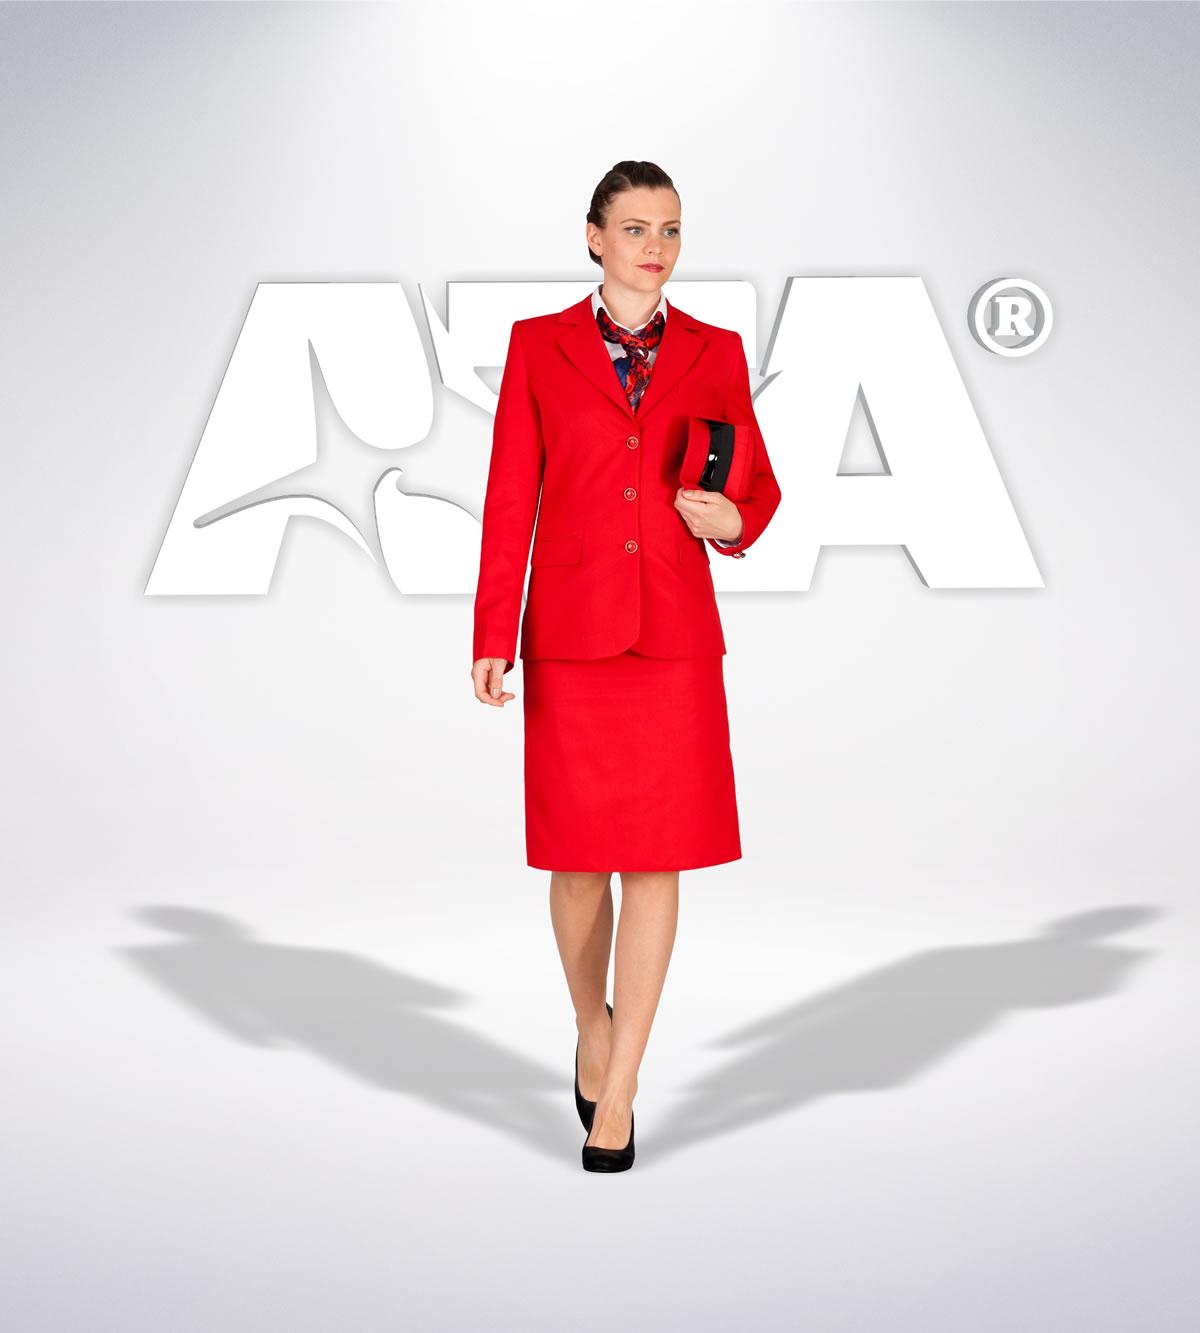 ATA 431 - iş elbiseleri | iş üniformaları | iş kıyafetleri